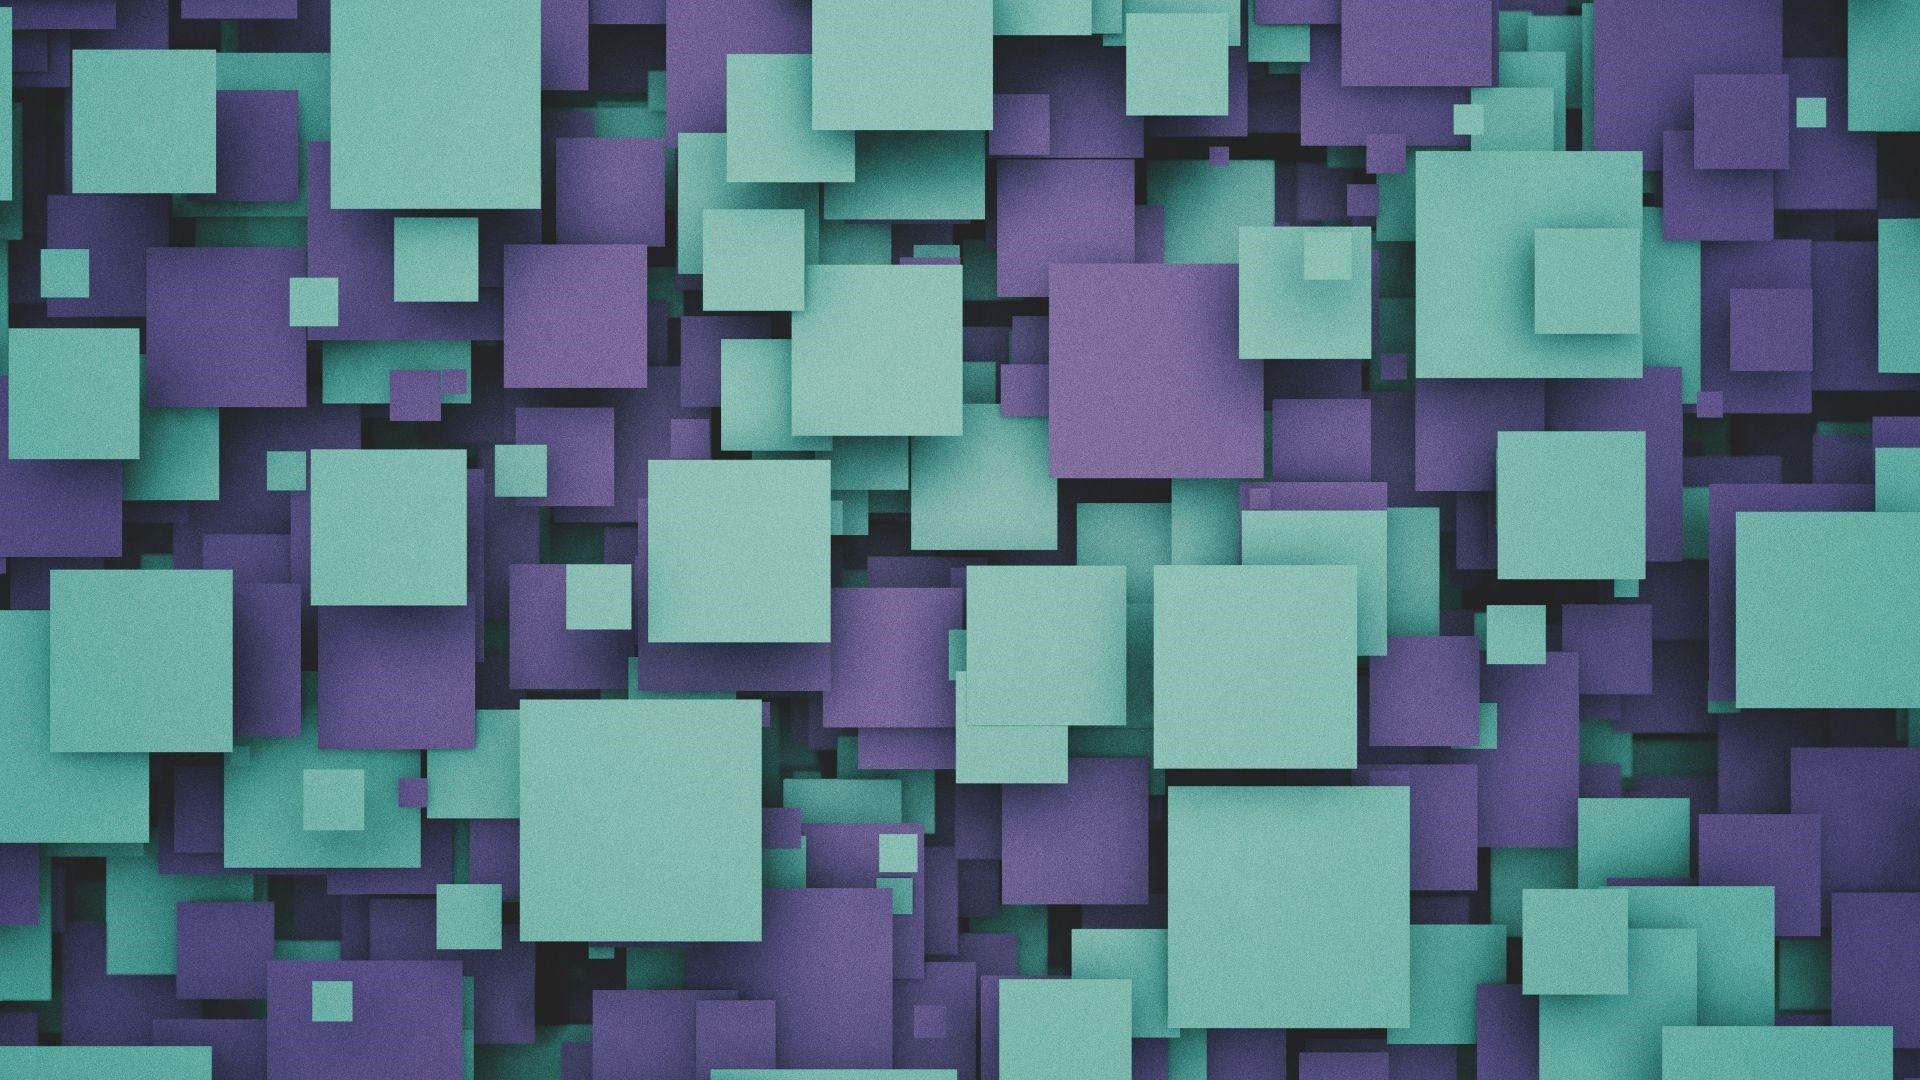 Square Wallpaper Picture hd